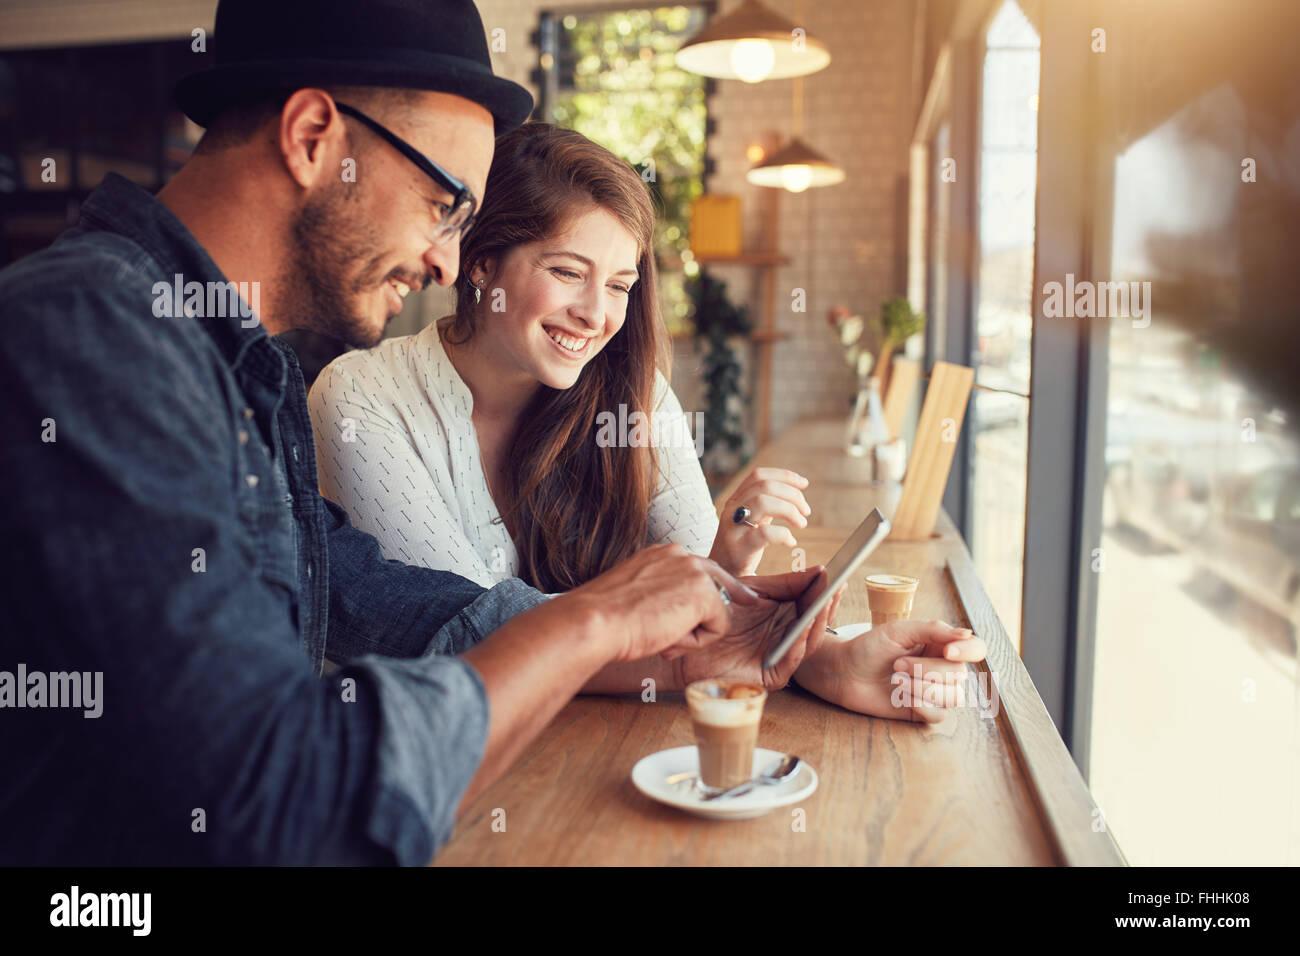 Feliz pareja en una cafetería navegando por internet en tableta digital. El hombre y la mujer joven en un restaurante Imagen De Stock